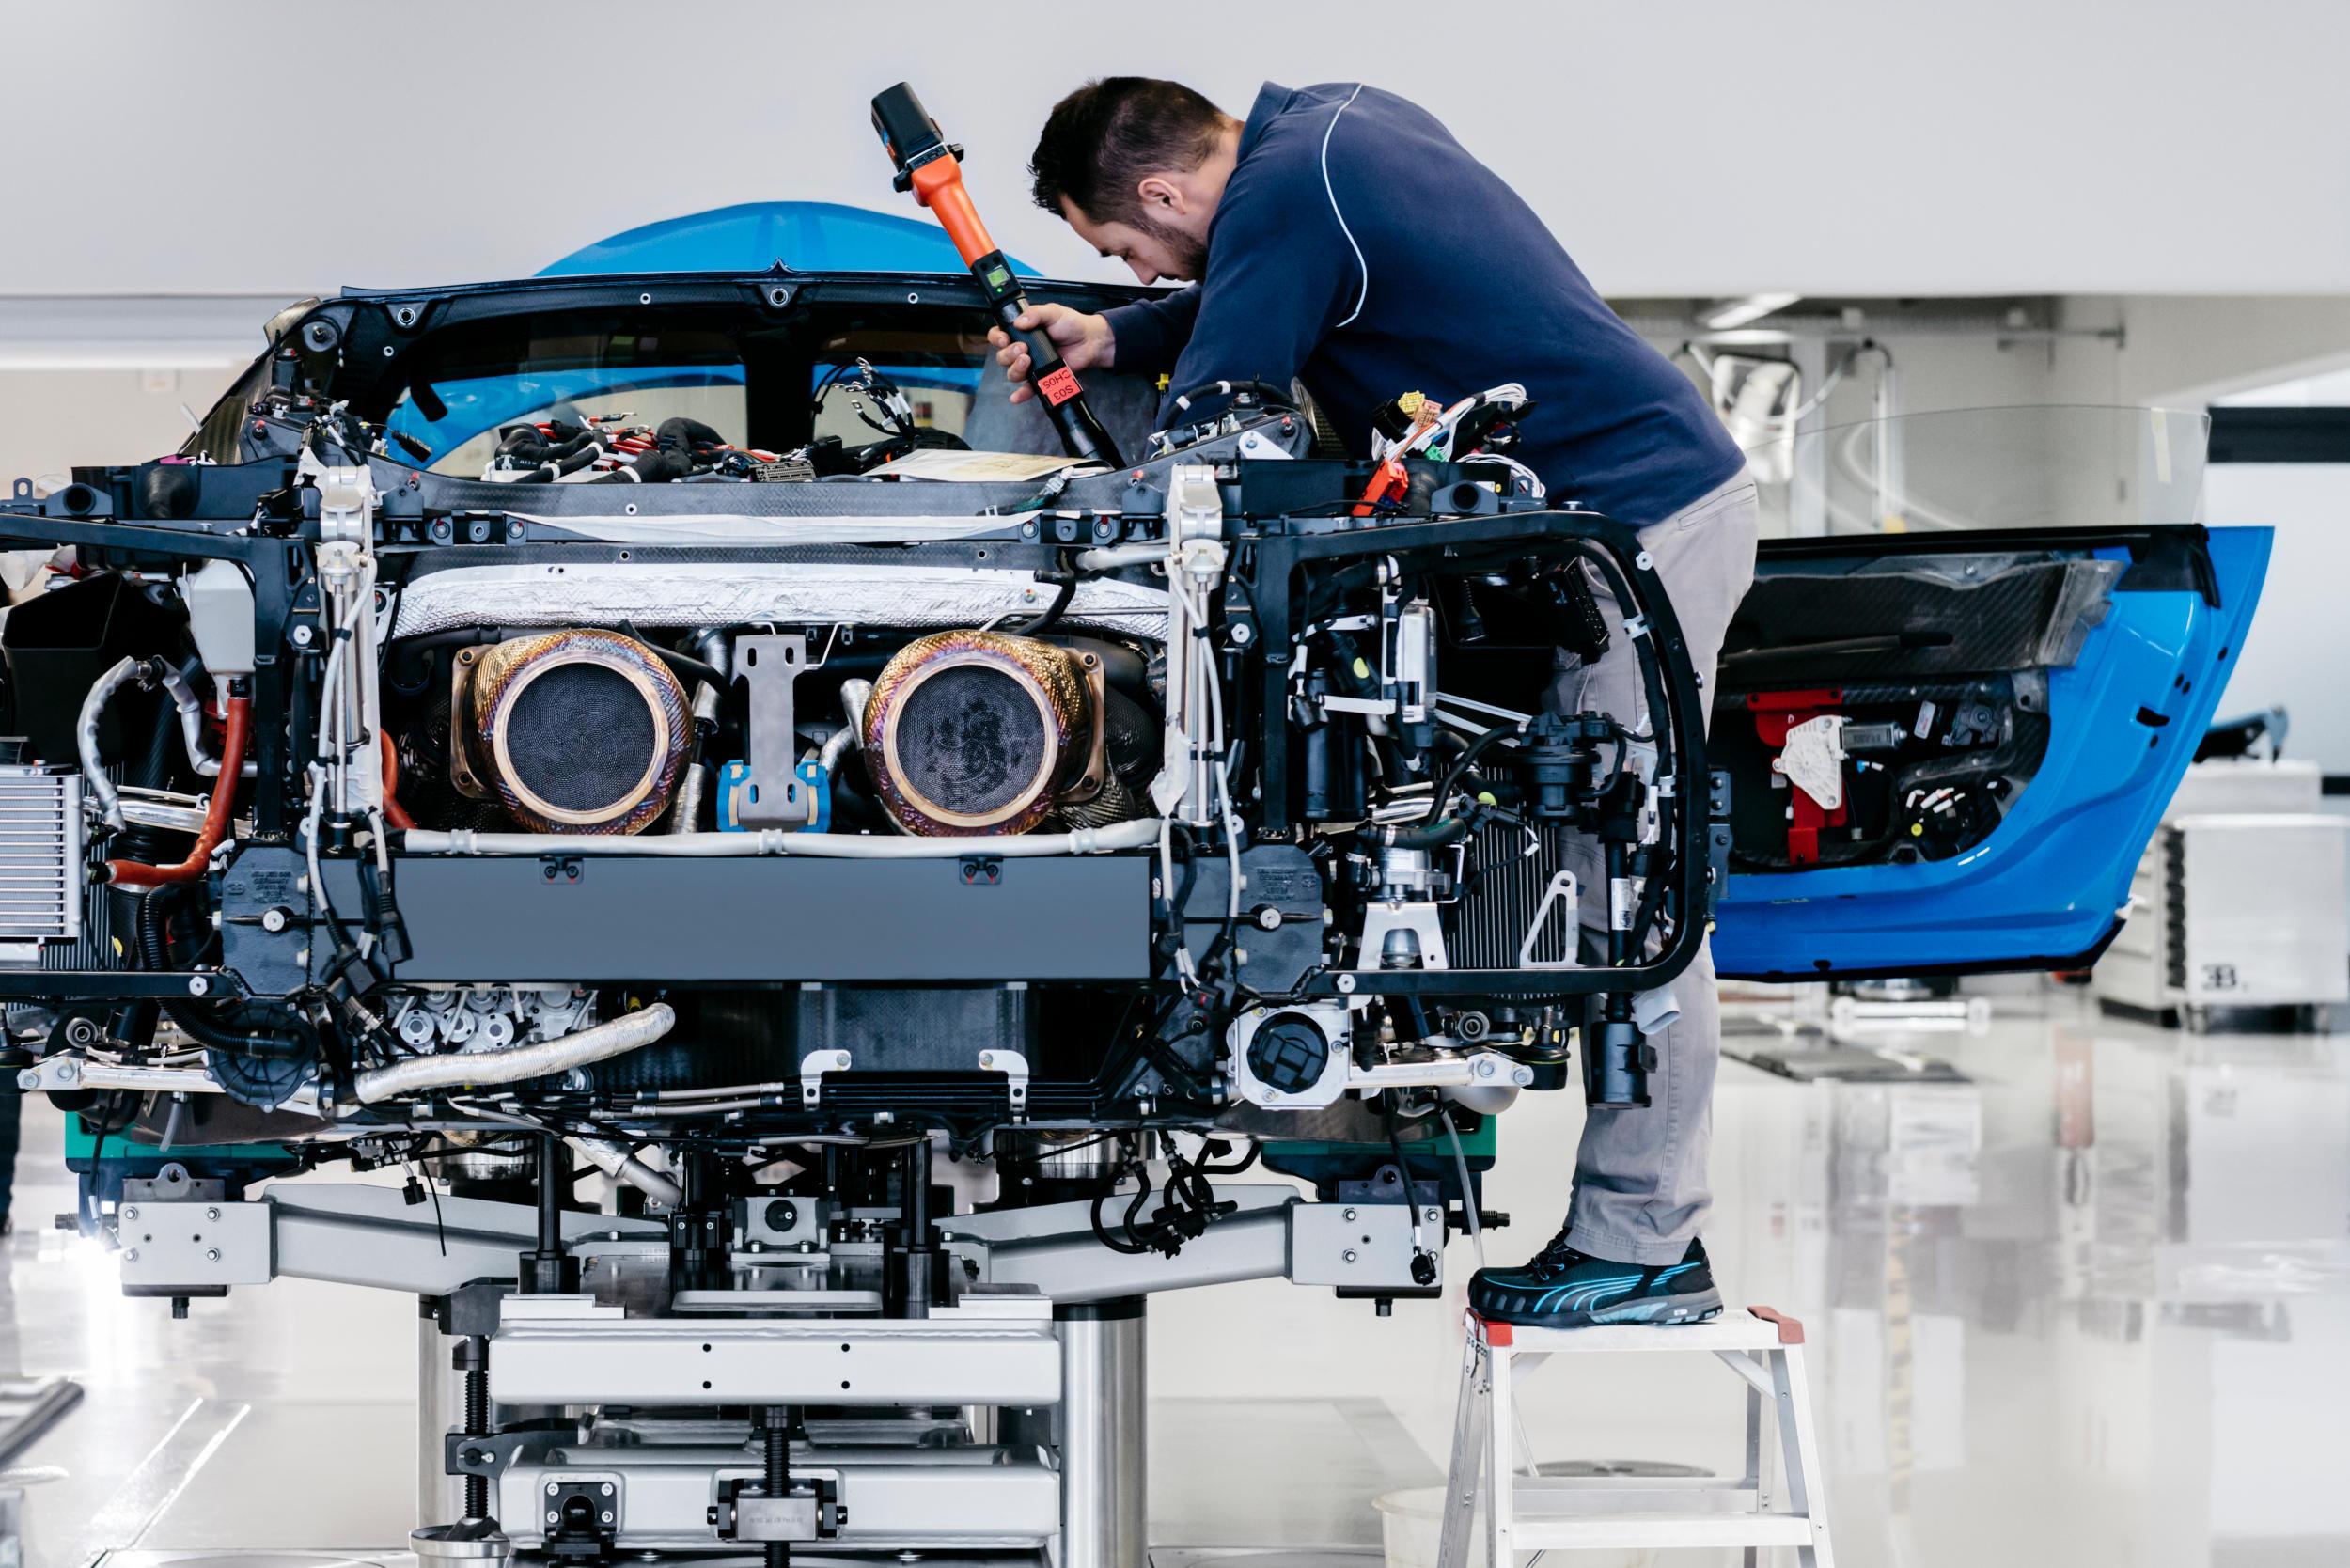 Bugatti chiron fabriek MAN MAN 3